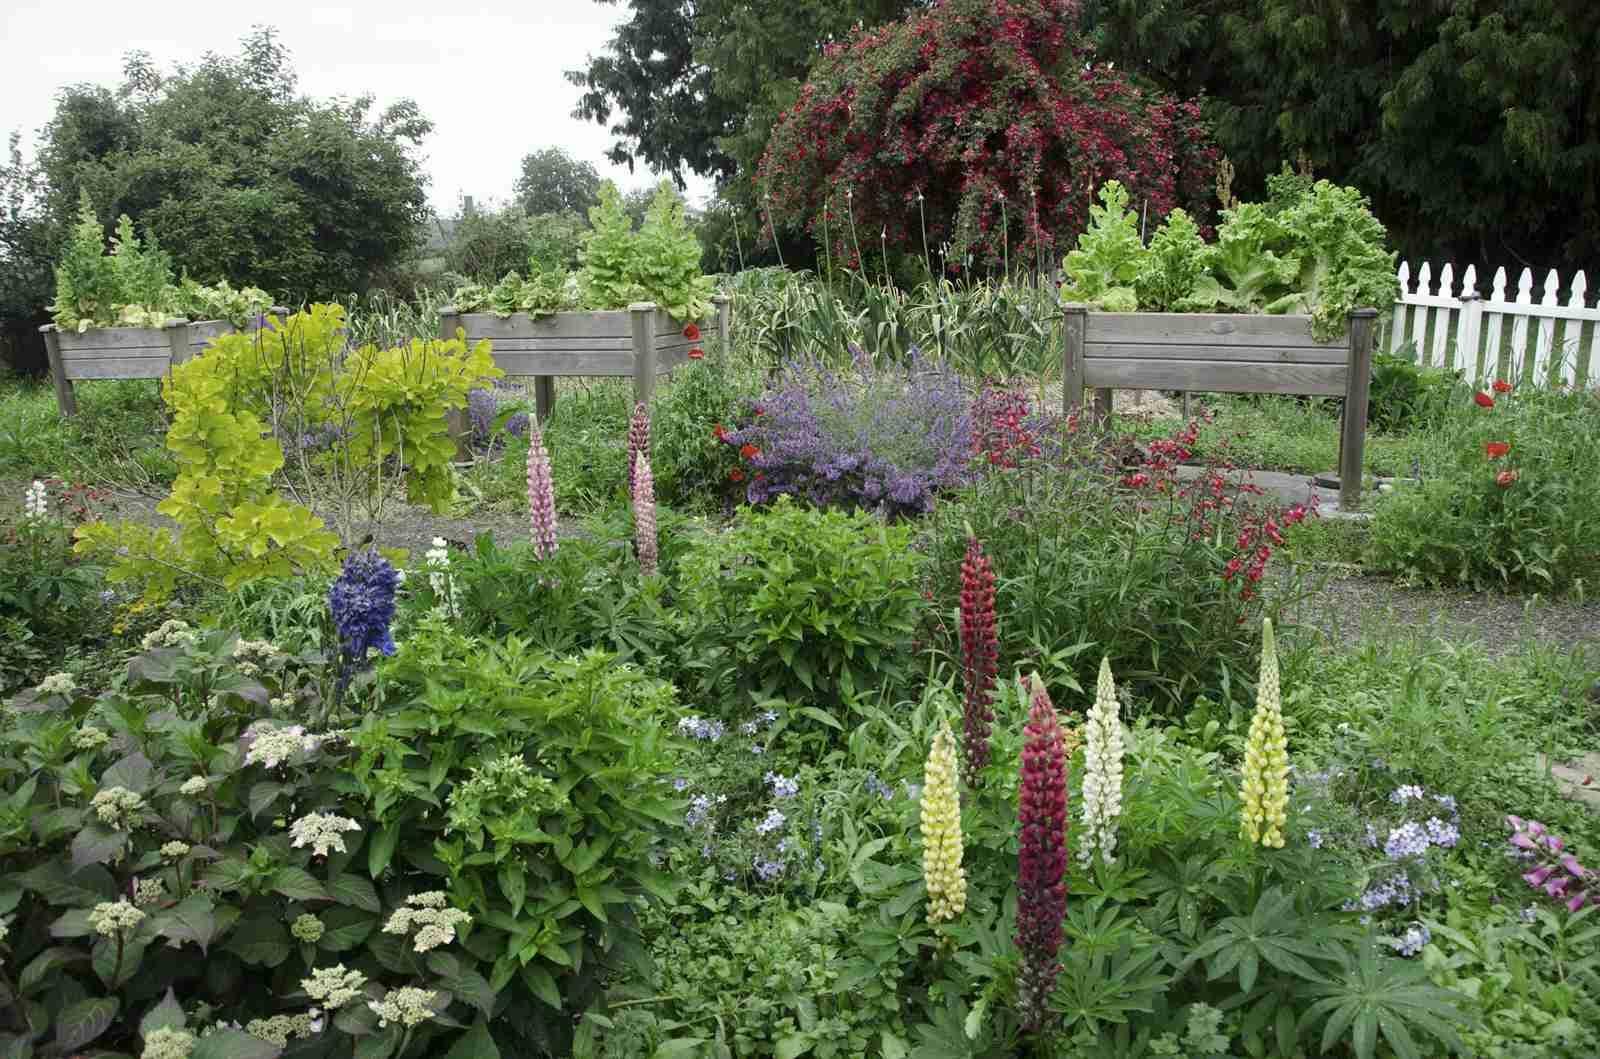 10 Creative Vegetable Garden Ideas